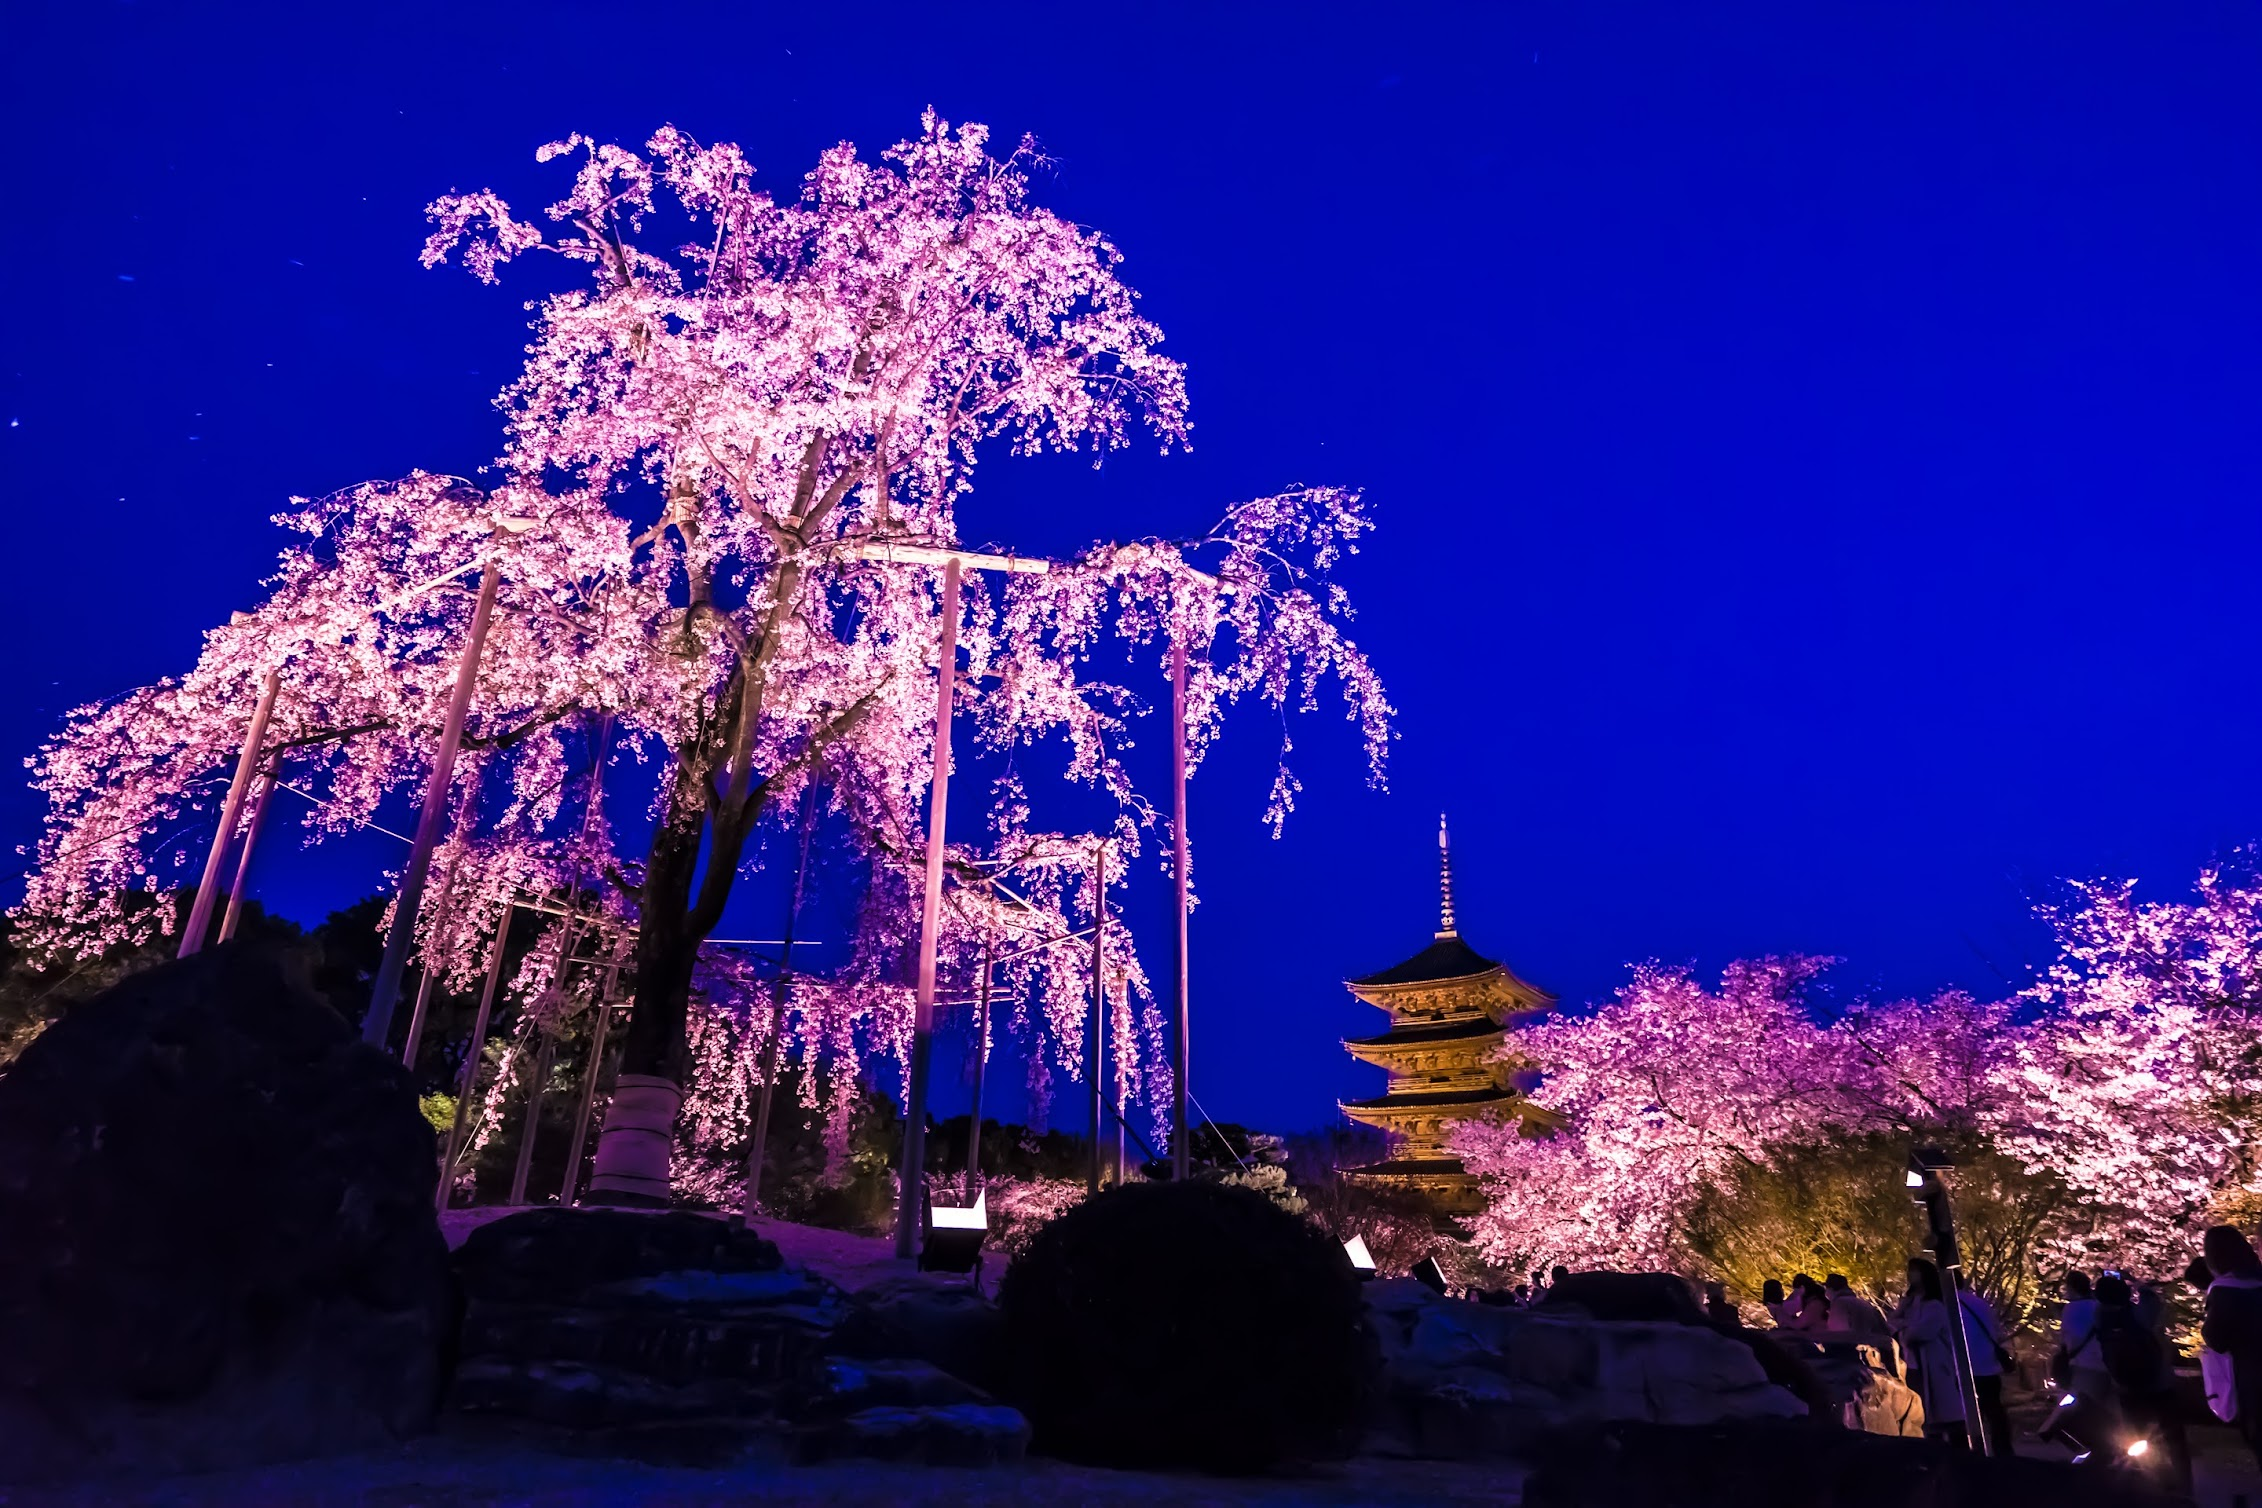 京都 東寺 桜 ライトアップ1